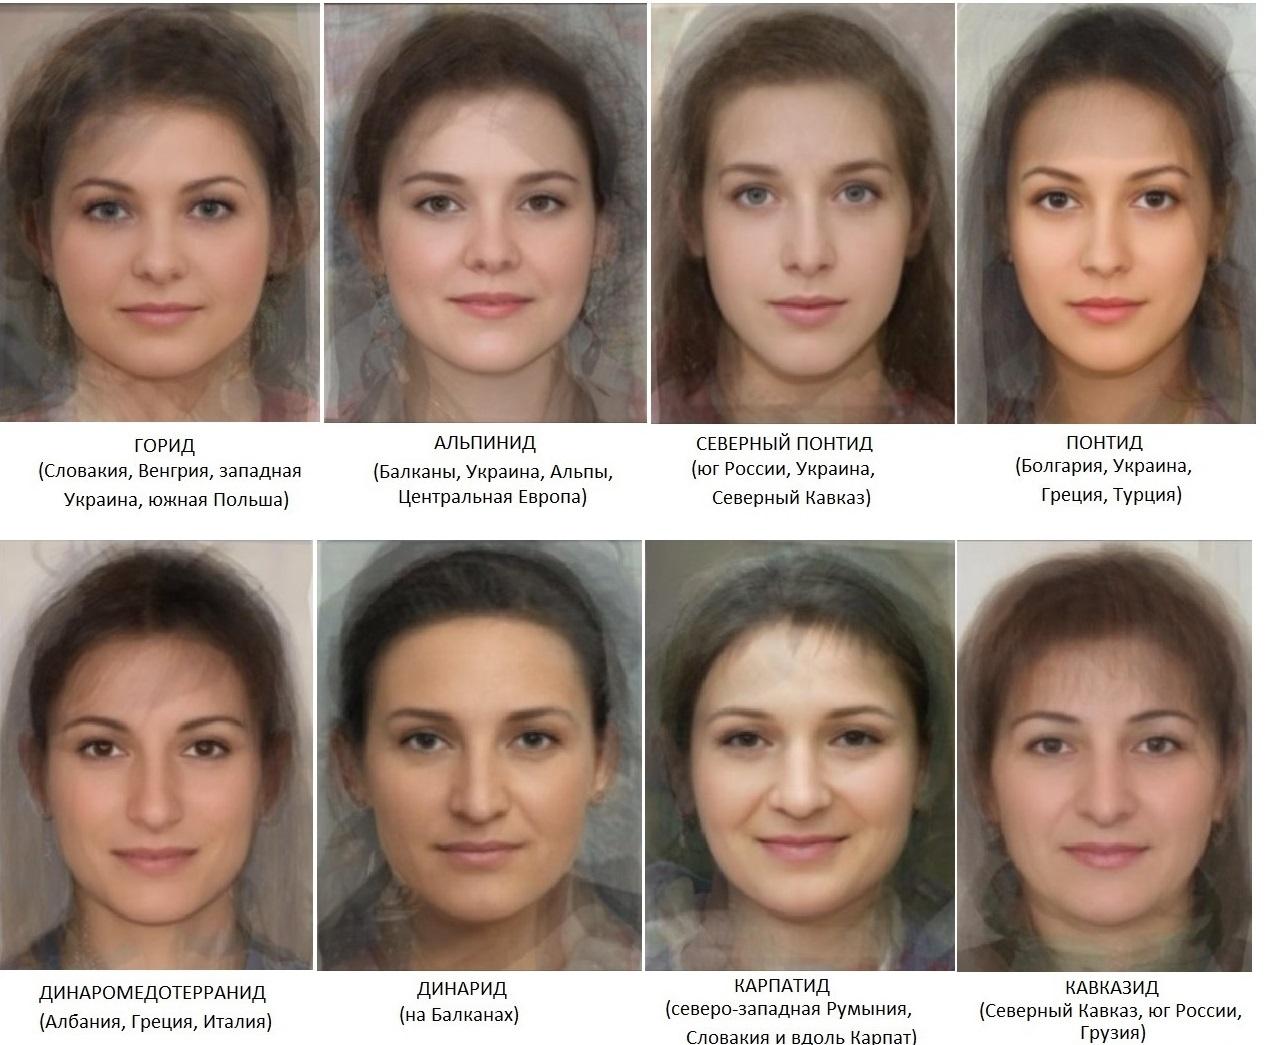 Фото женщин разных национальностей 26 фотография